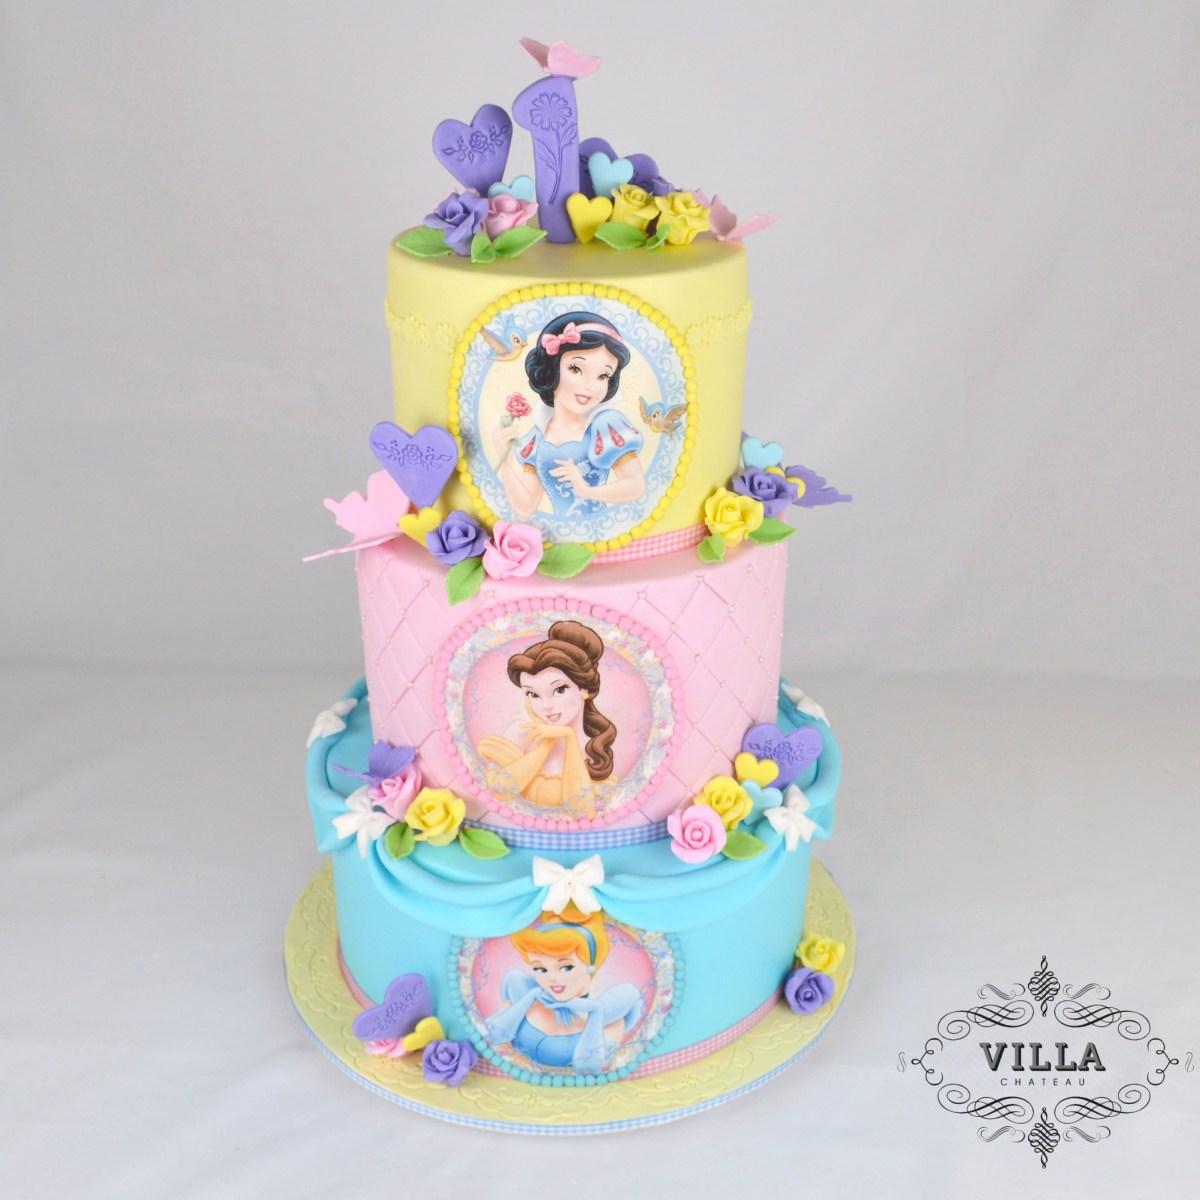 Miraculous Disney Princess Birthday Cakes Disney Princess Birthday Cake Personalised Birthday Cards Akebfashionlily Jamesorg